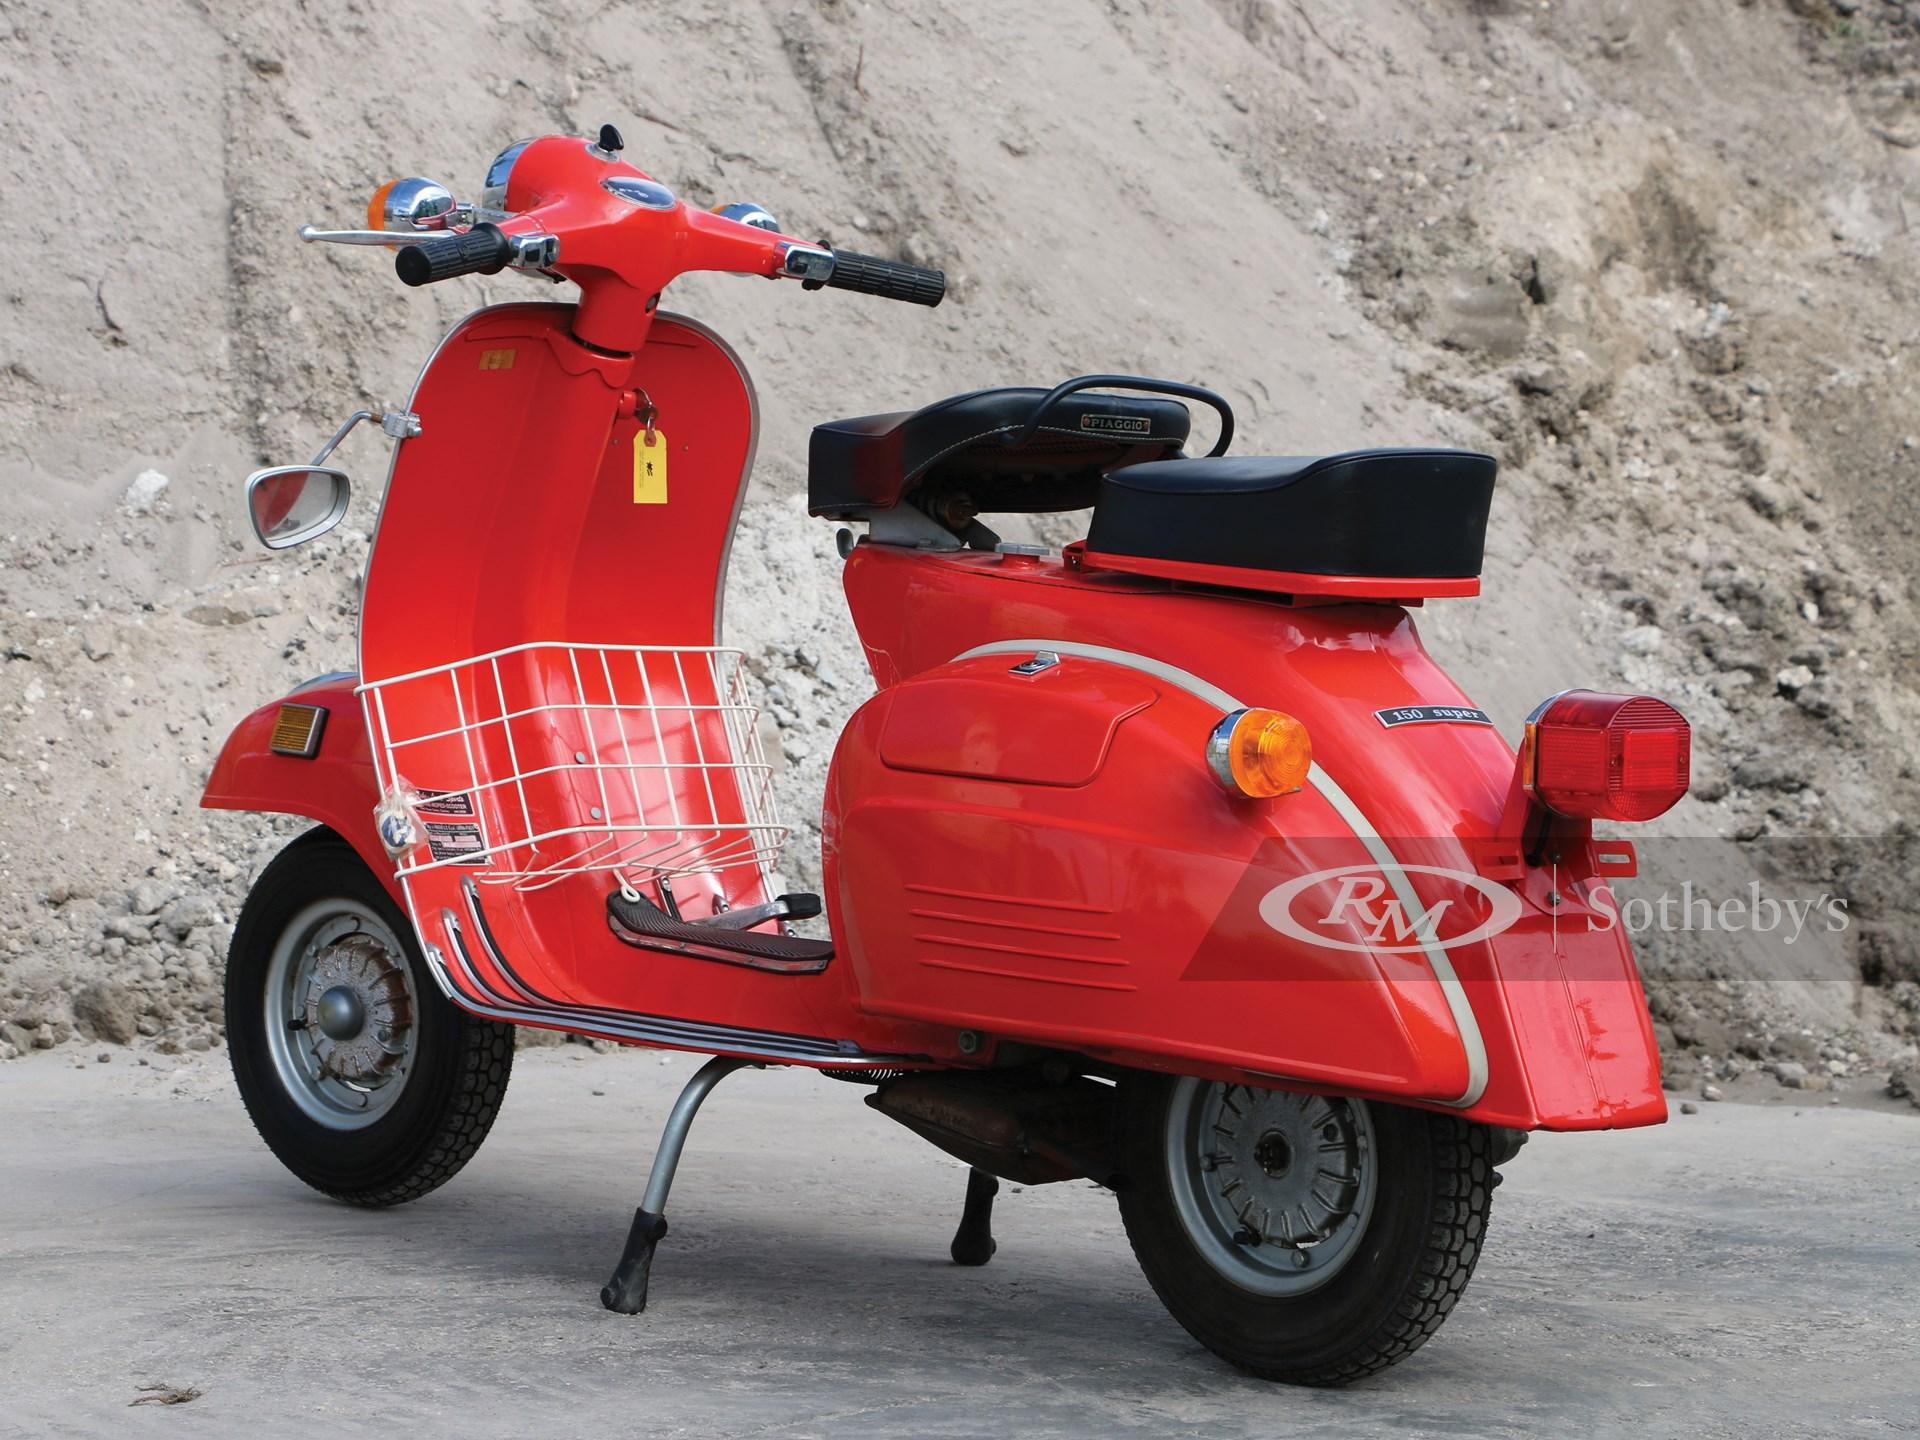 1975 Piaggio Vespa 150 Super